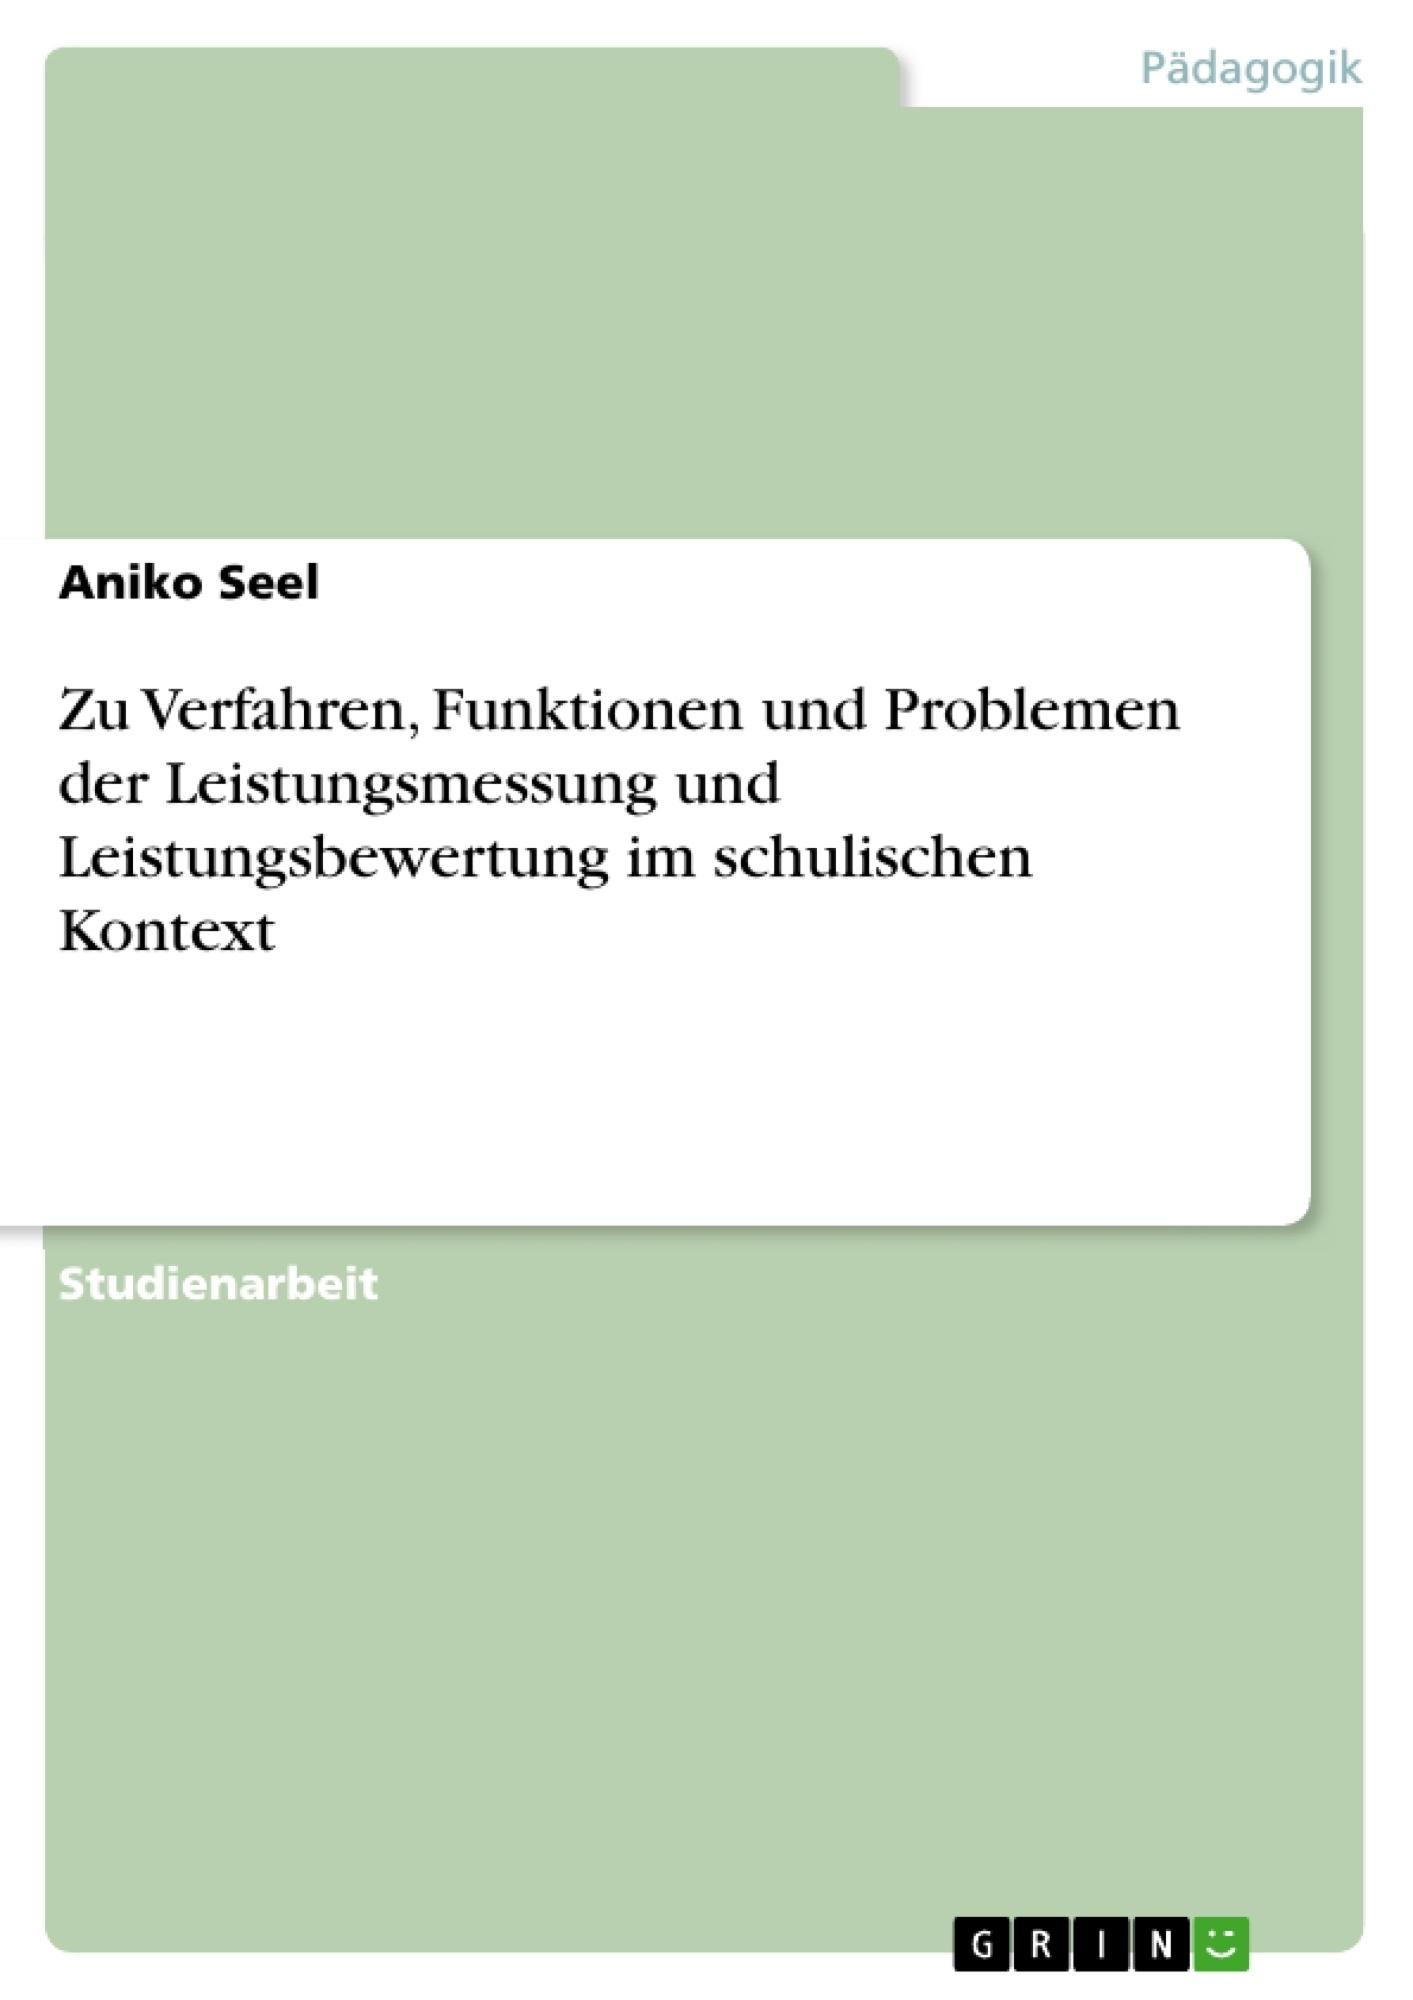 Titel: Zu Verfahren, Funktionen und Problemen der Leistungsmessung und Leistungsbewertung im schulischen Kontext